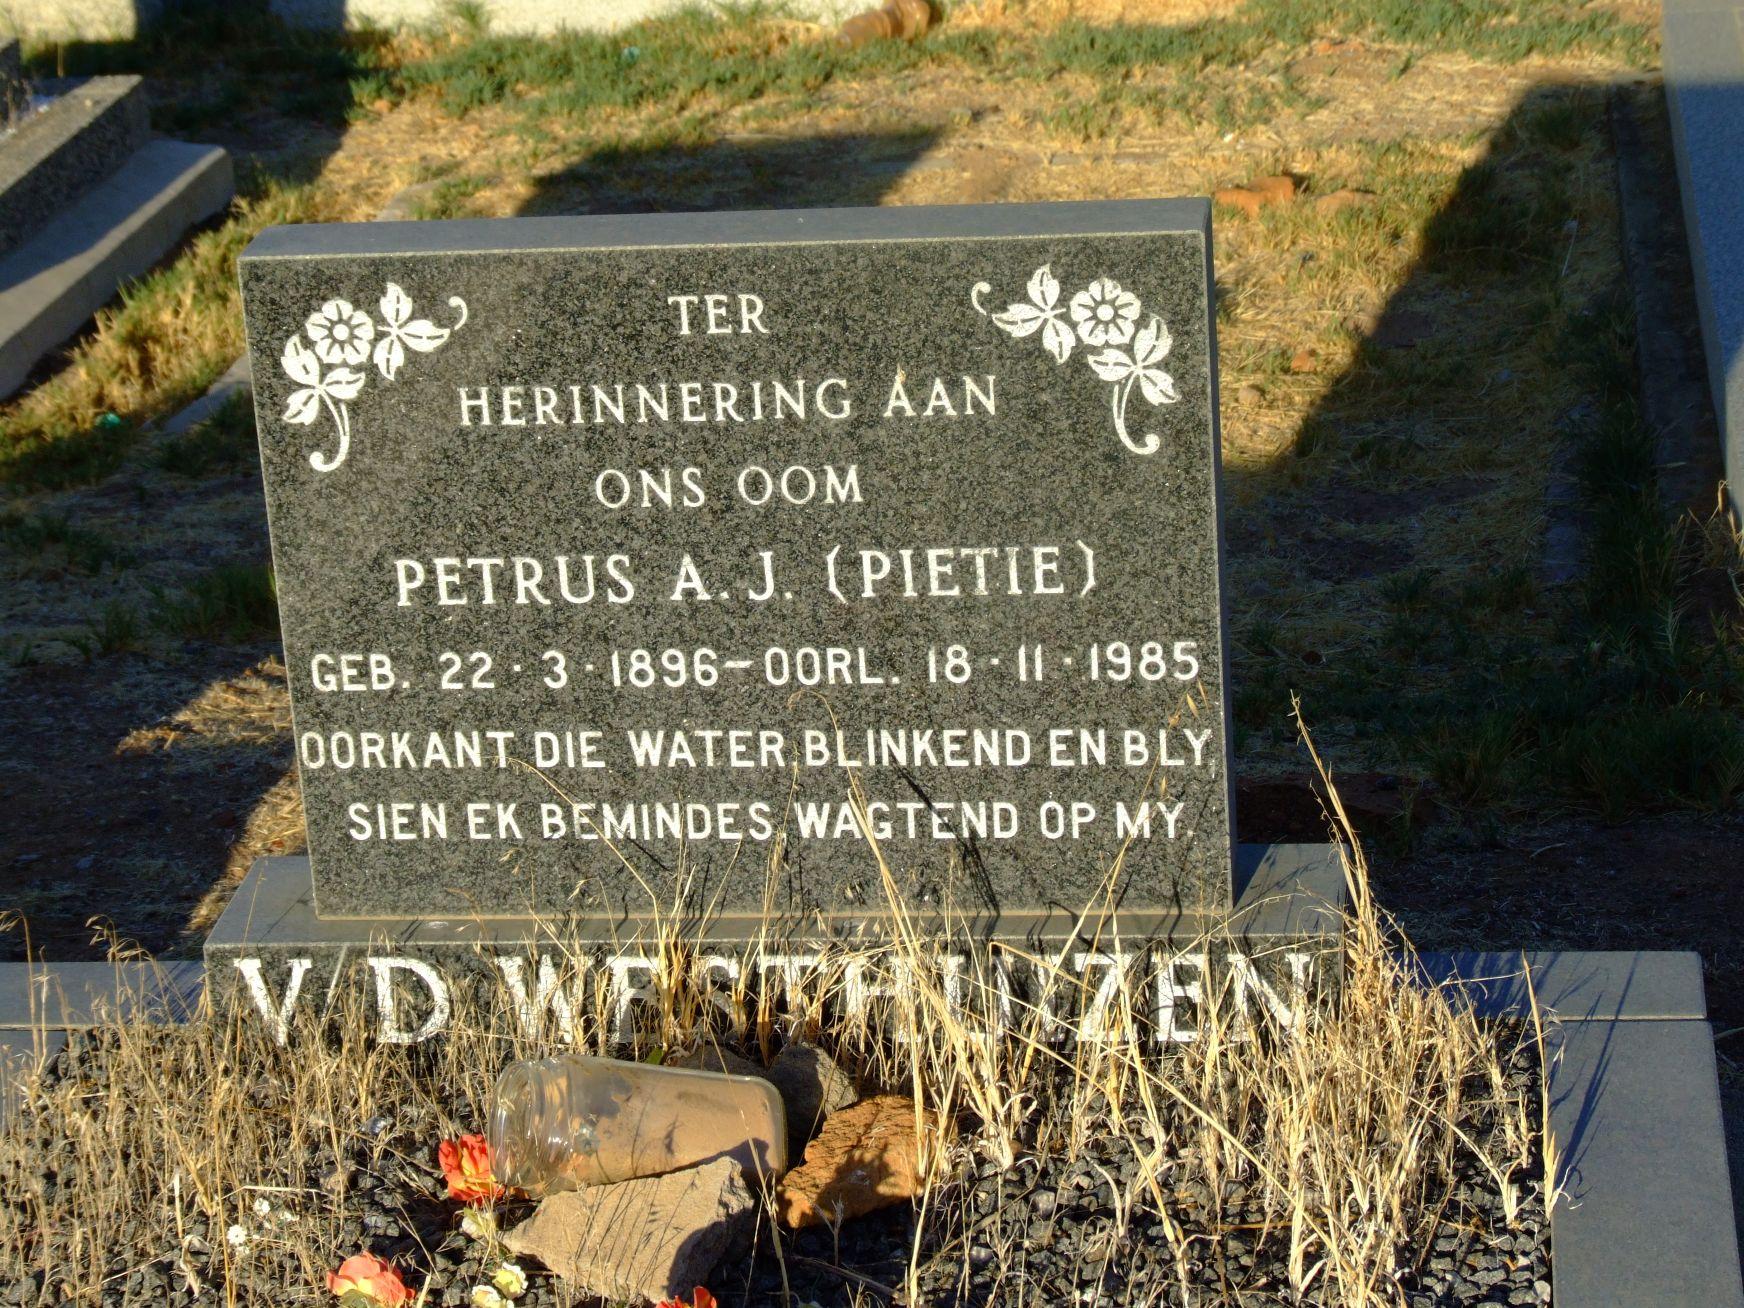 V D Westhuizen, Petrus A. J. (Pietie)